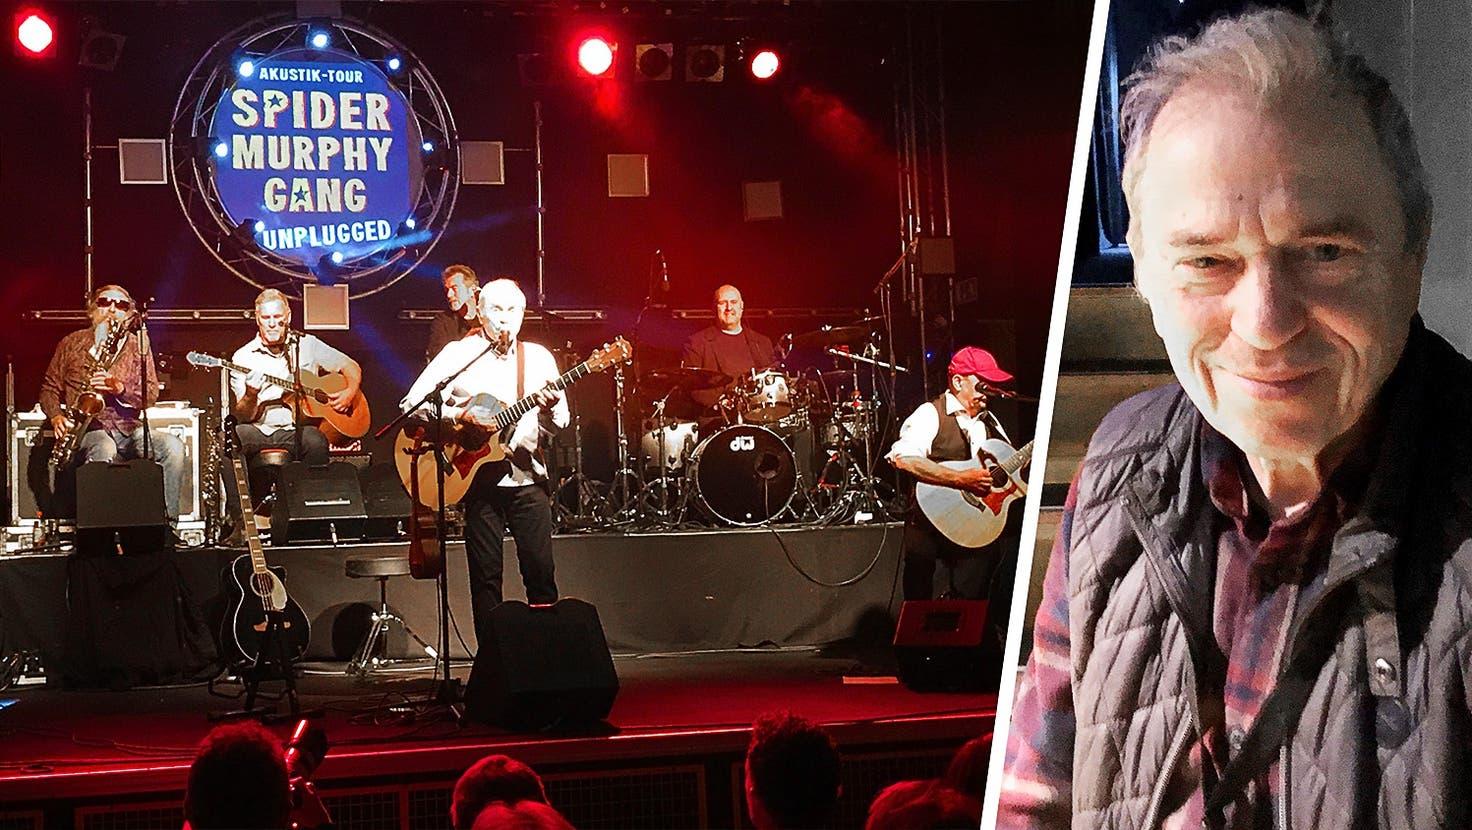 Günther Sigl, der Frontmann der Spider Murphy Gang erzählt vom Band-leben vor dem Auftritt im P9 in Biberist (Frb)